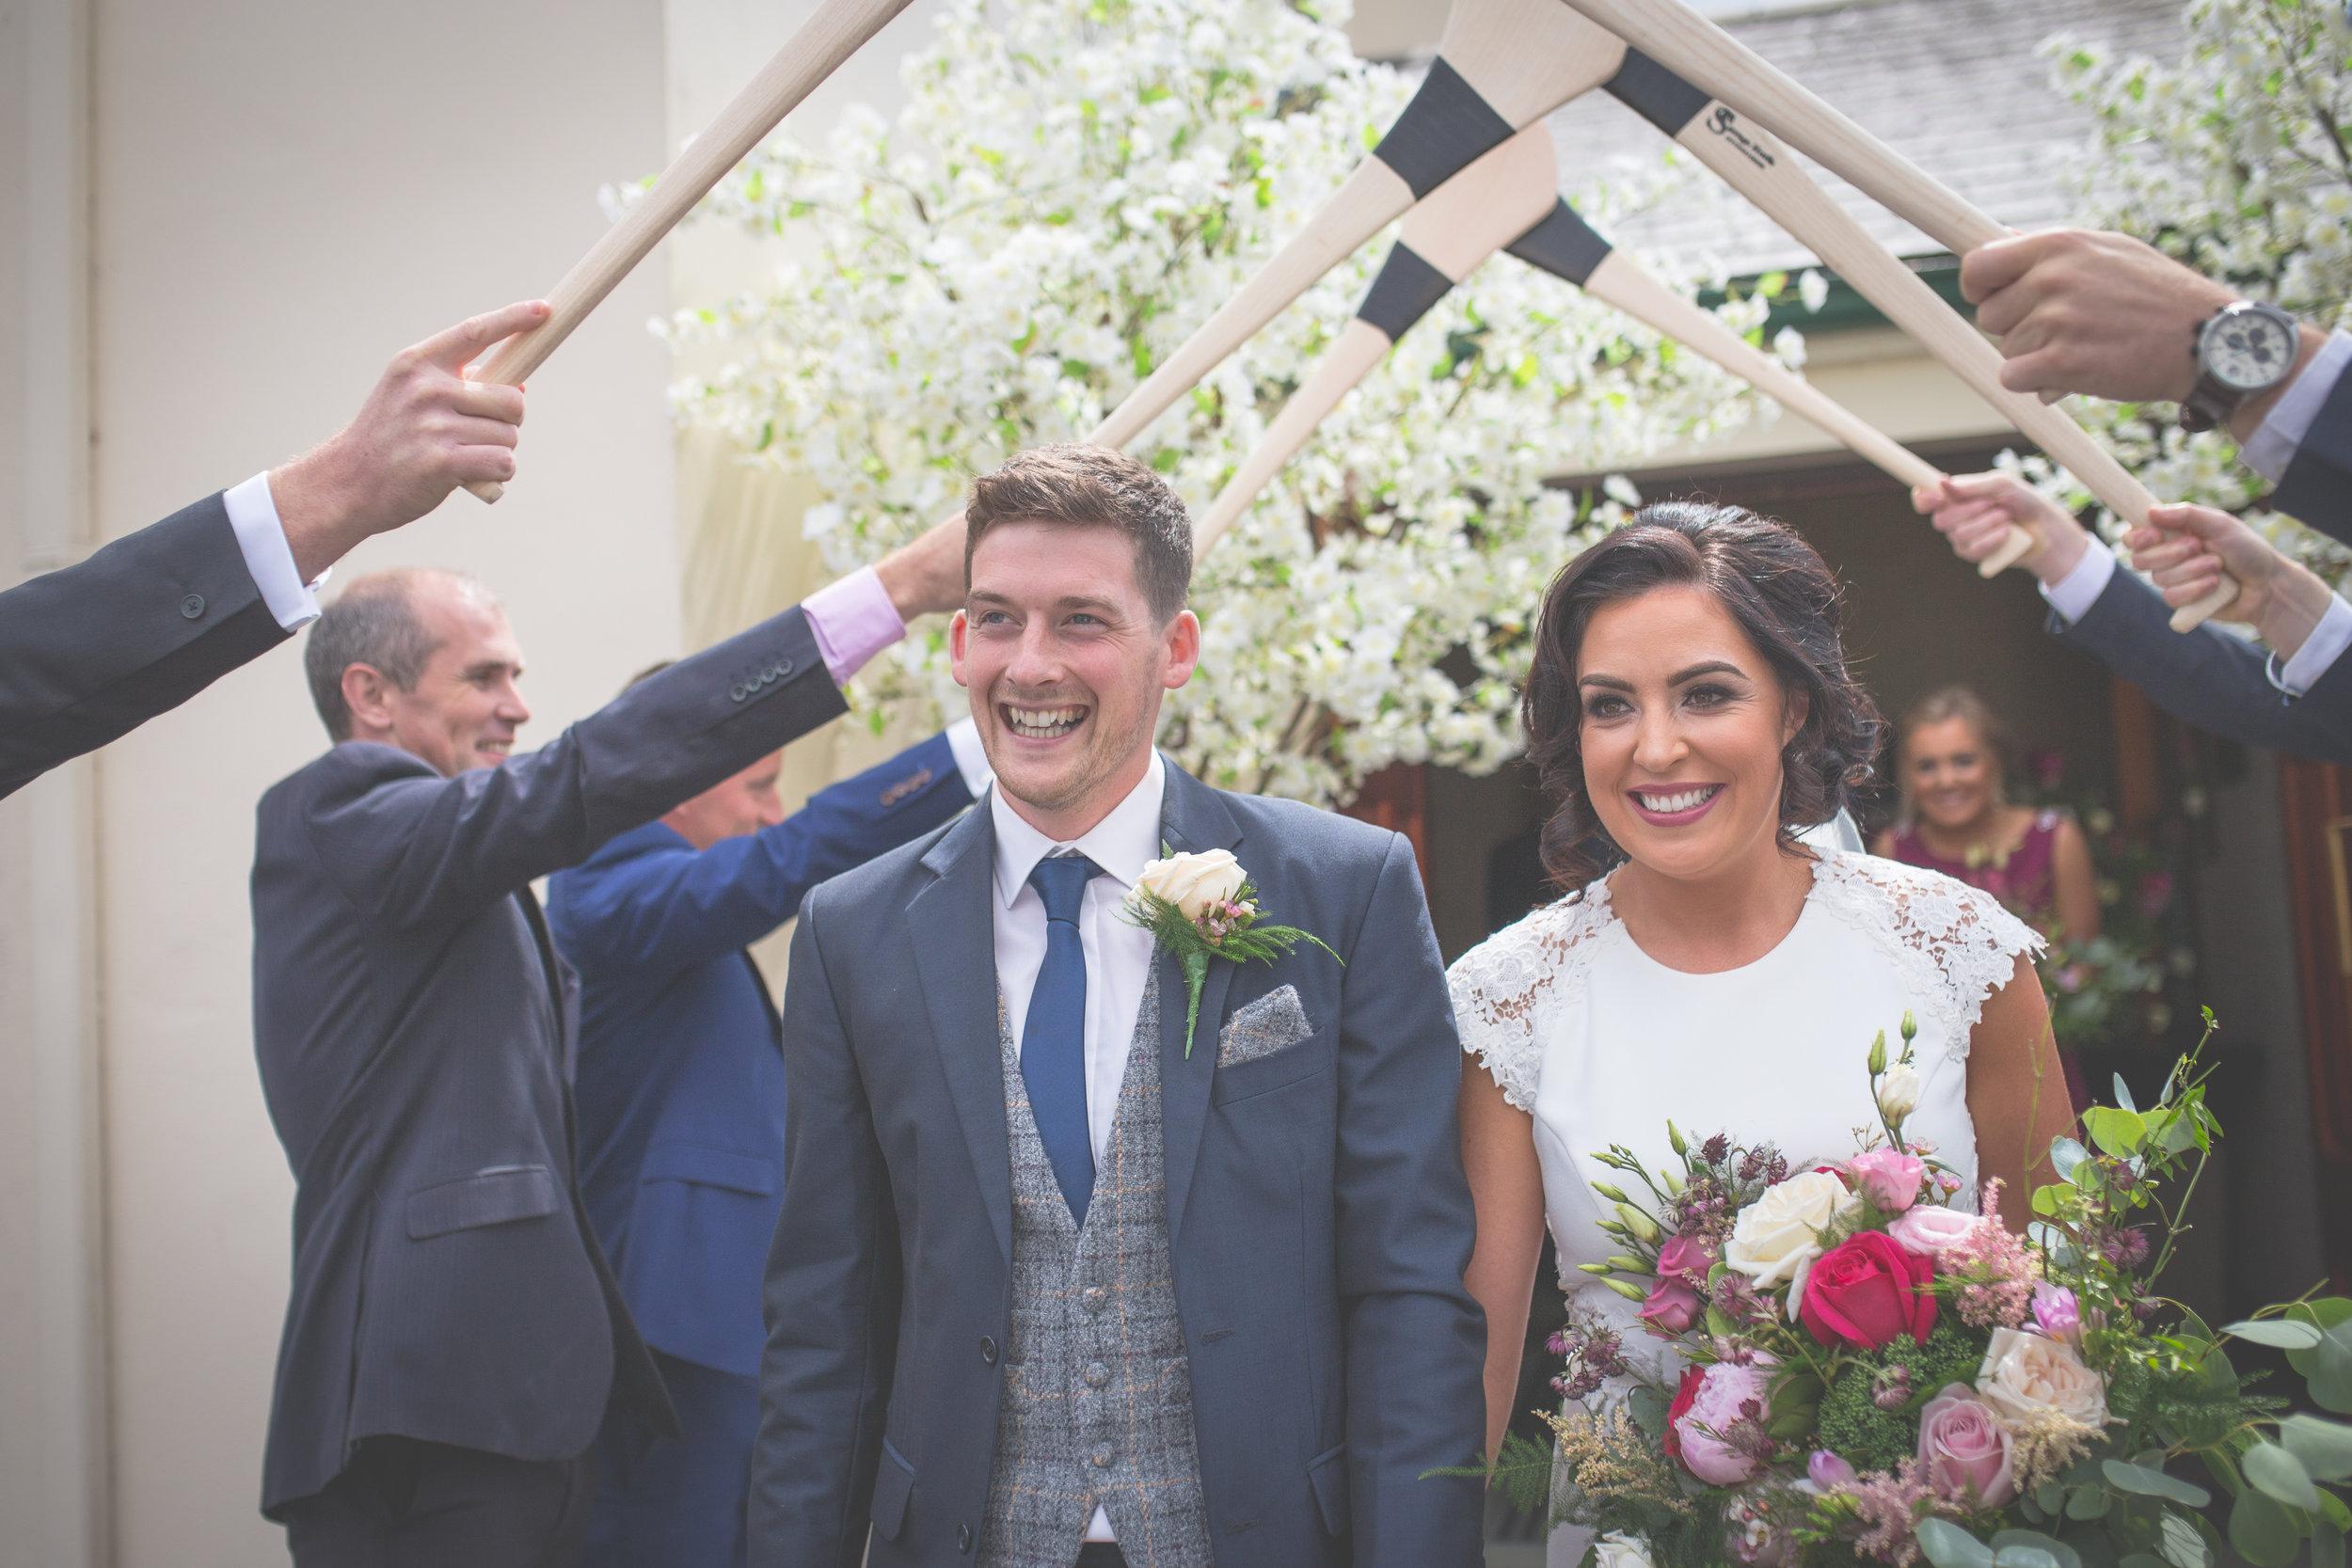 Brian McEwan Wedding Photography   Carol-Anne & Sean   The Ceremony-85.jpg